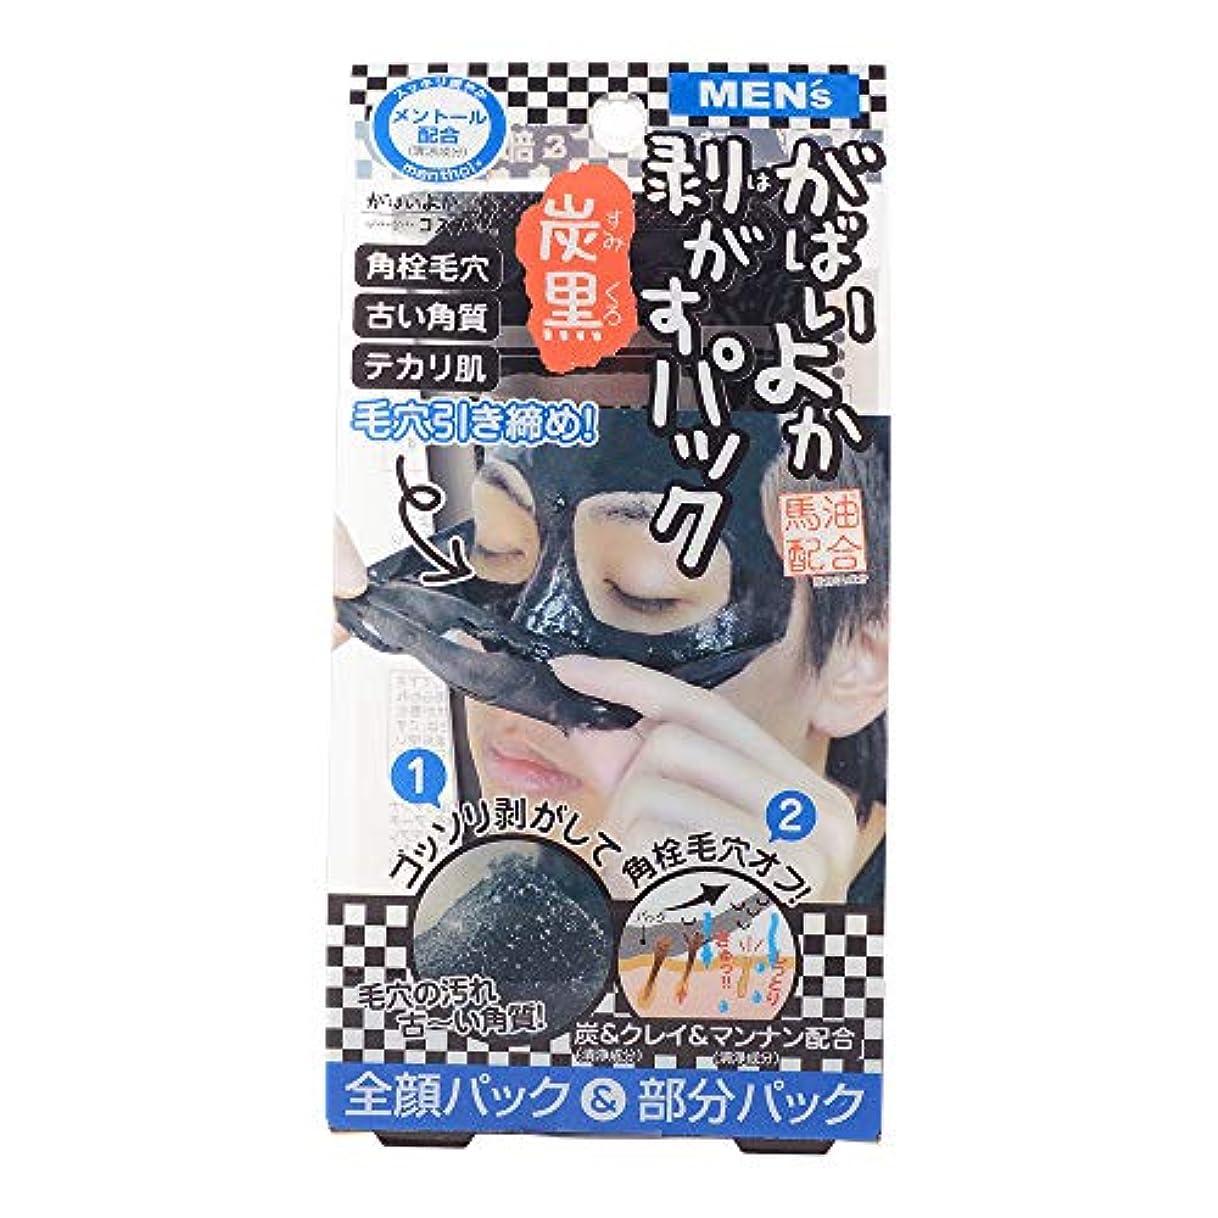 全滅させるデマンド壮大がばいよかコスメ メンズ 剥がすパック 炭黒 (90g)